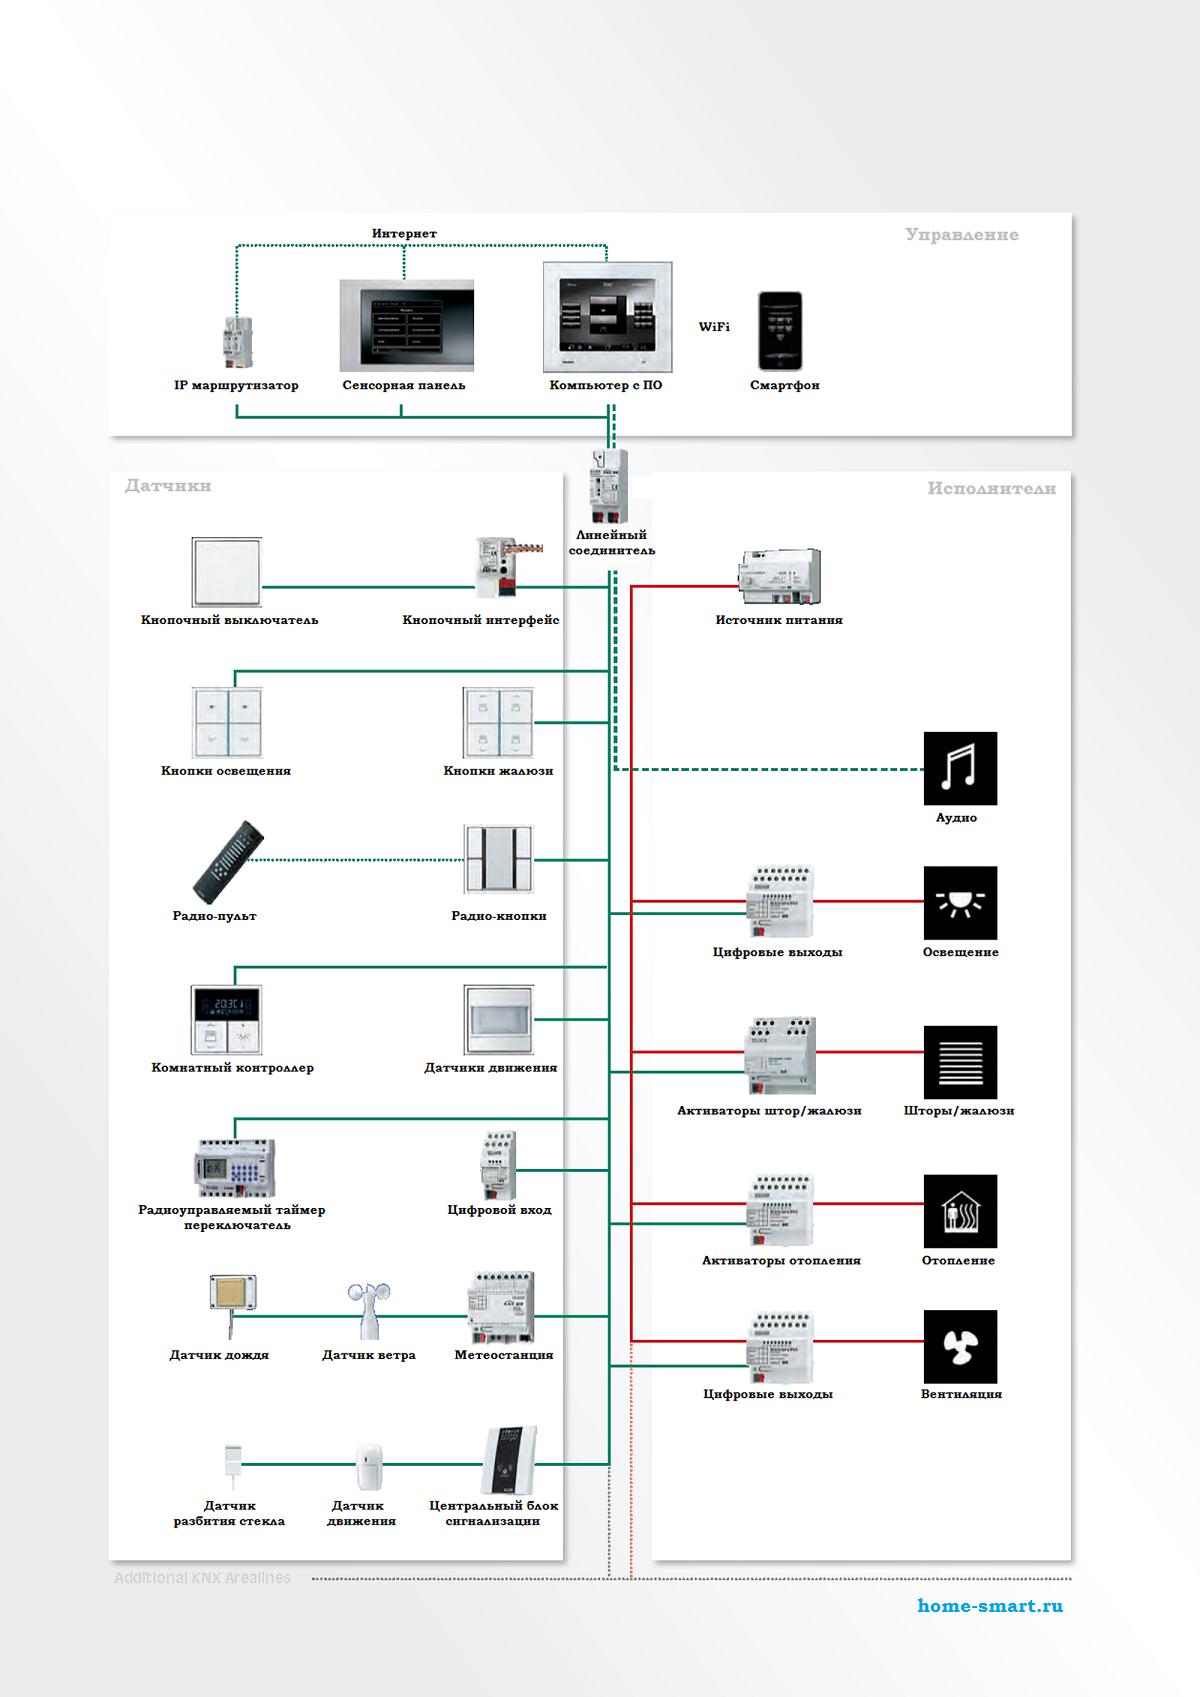 Схема сети KNX